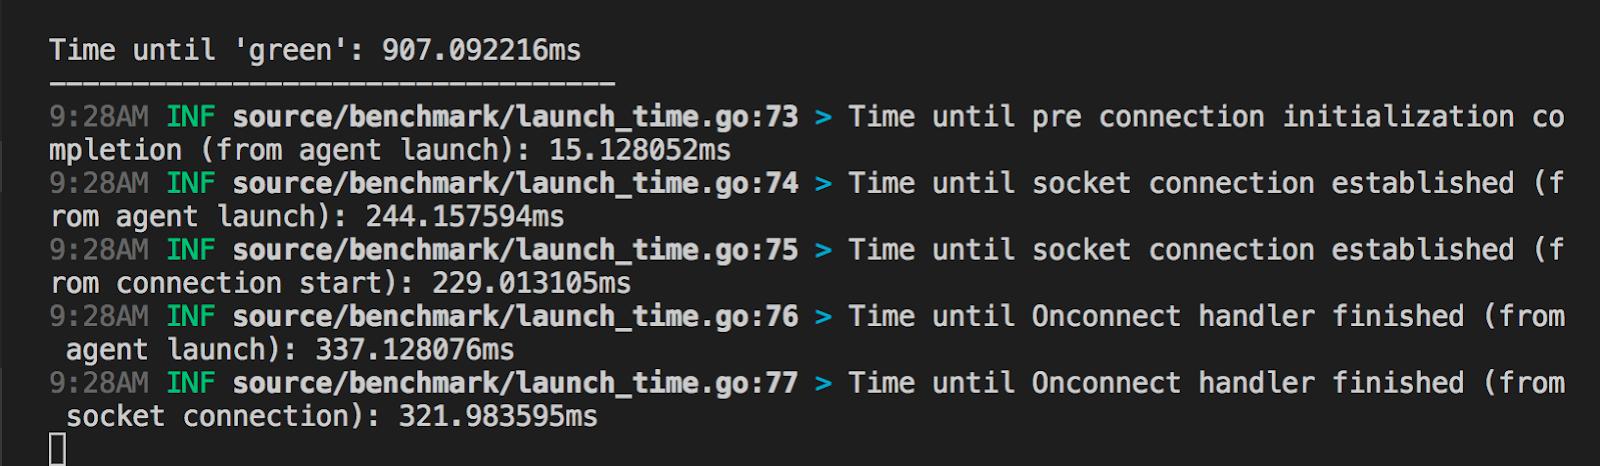 screenshot of the benchmarking logs